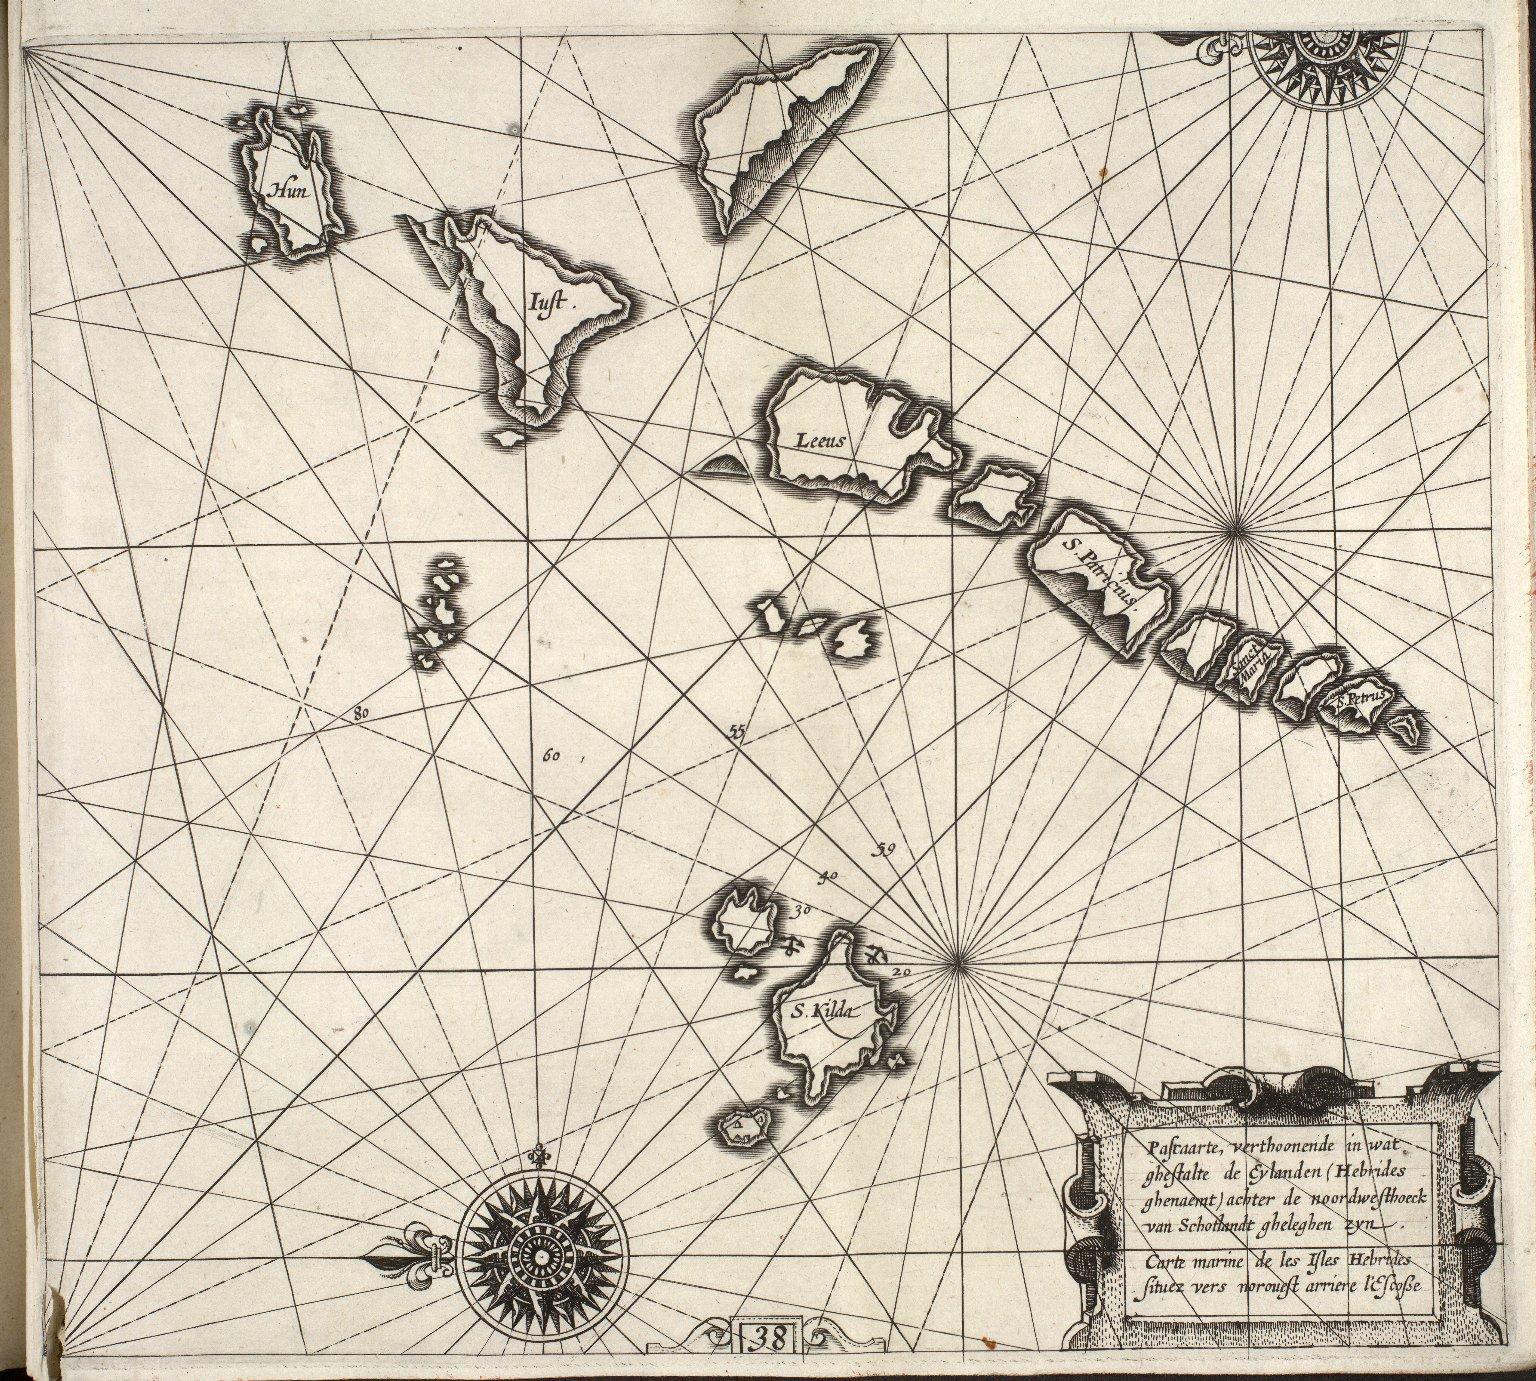 Pascaarte, verthoonende in wat ghestalte de Eylanden (Hebrides ghenaemt) achter de noordwesthoek van Schotlandt gheleghen zijn : [1 of 1]